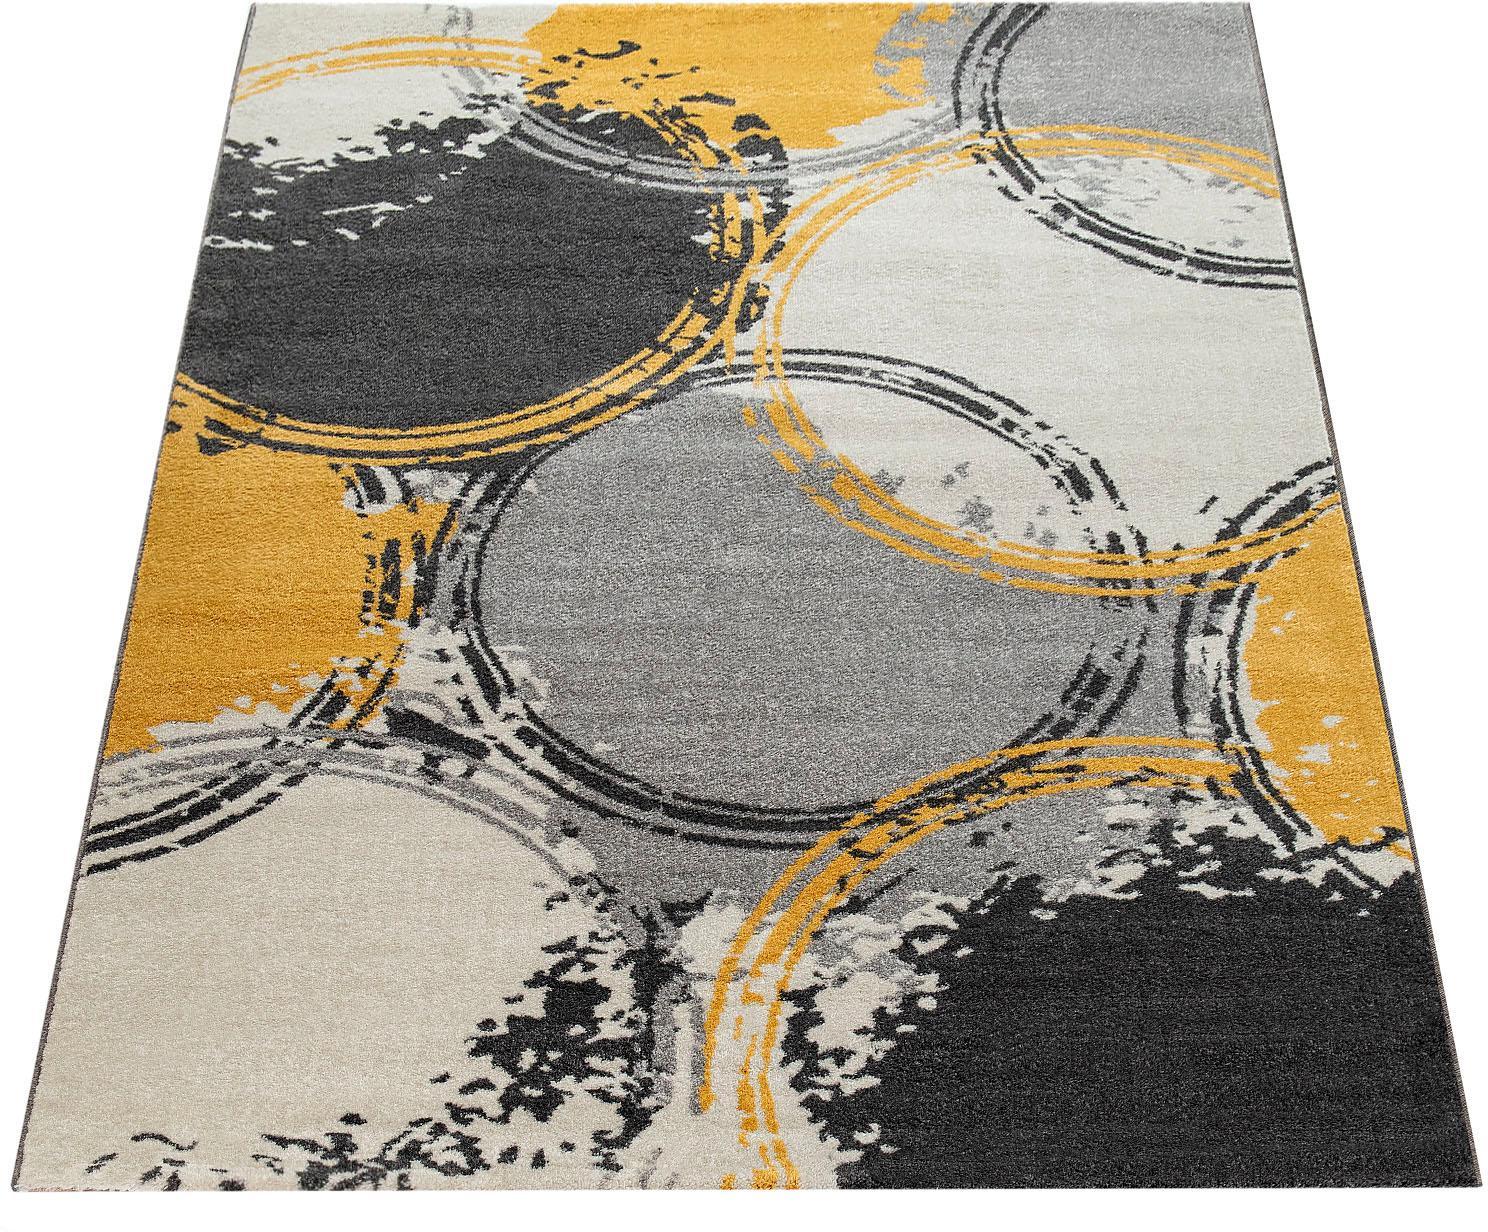 Teppich Pattern 129 Paco Home rechteckig Höhe 18 mm maschinell gewebt